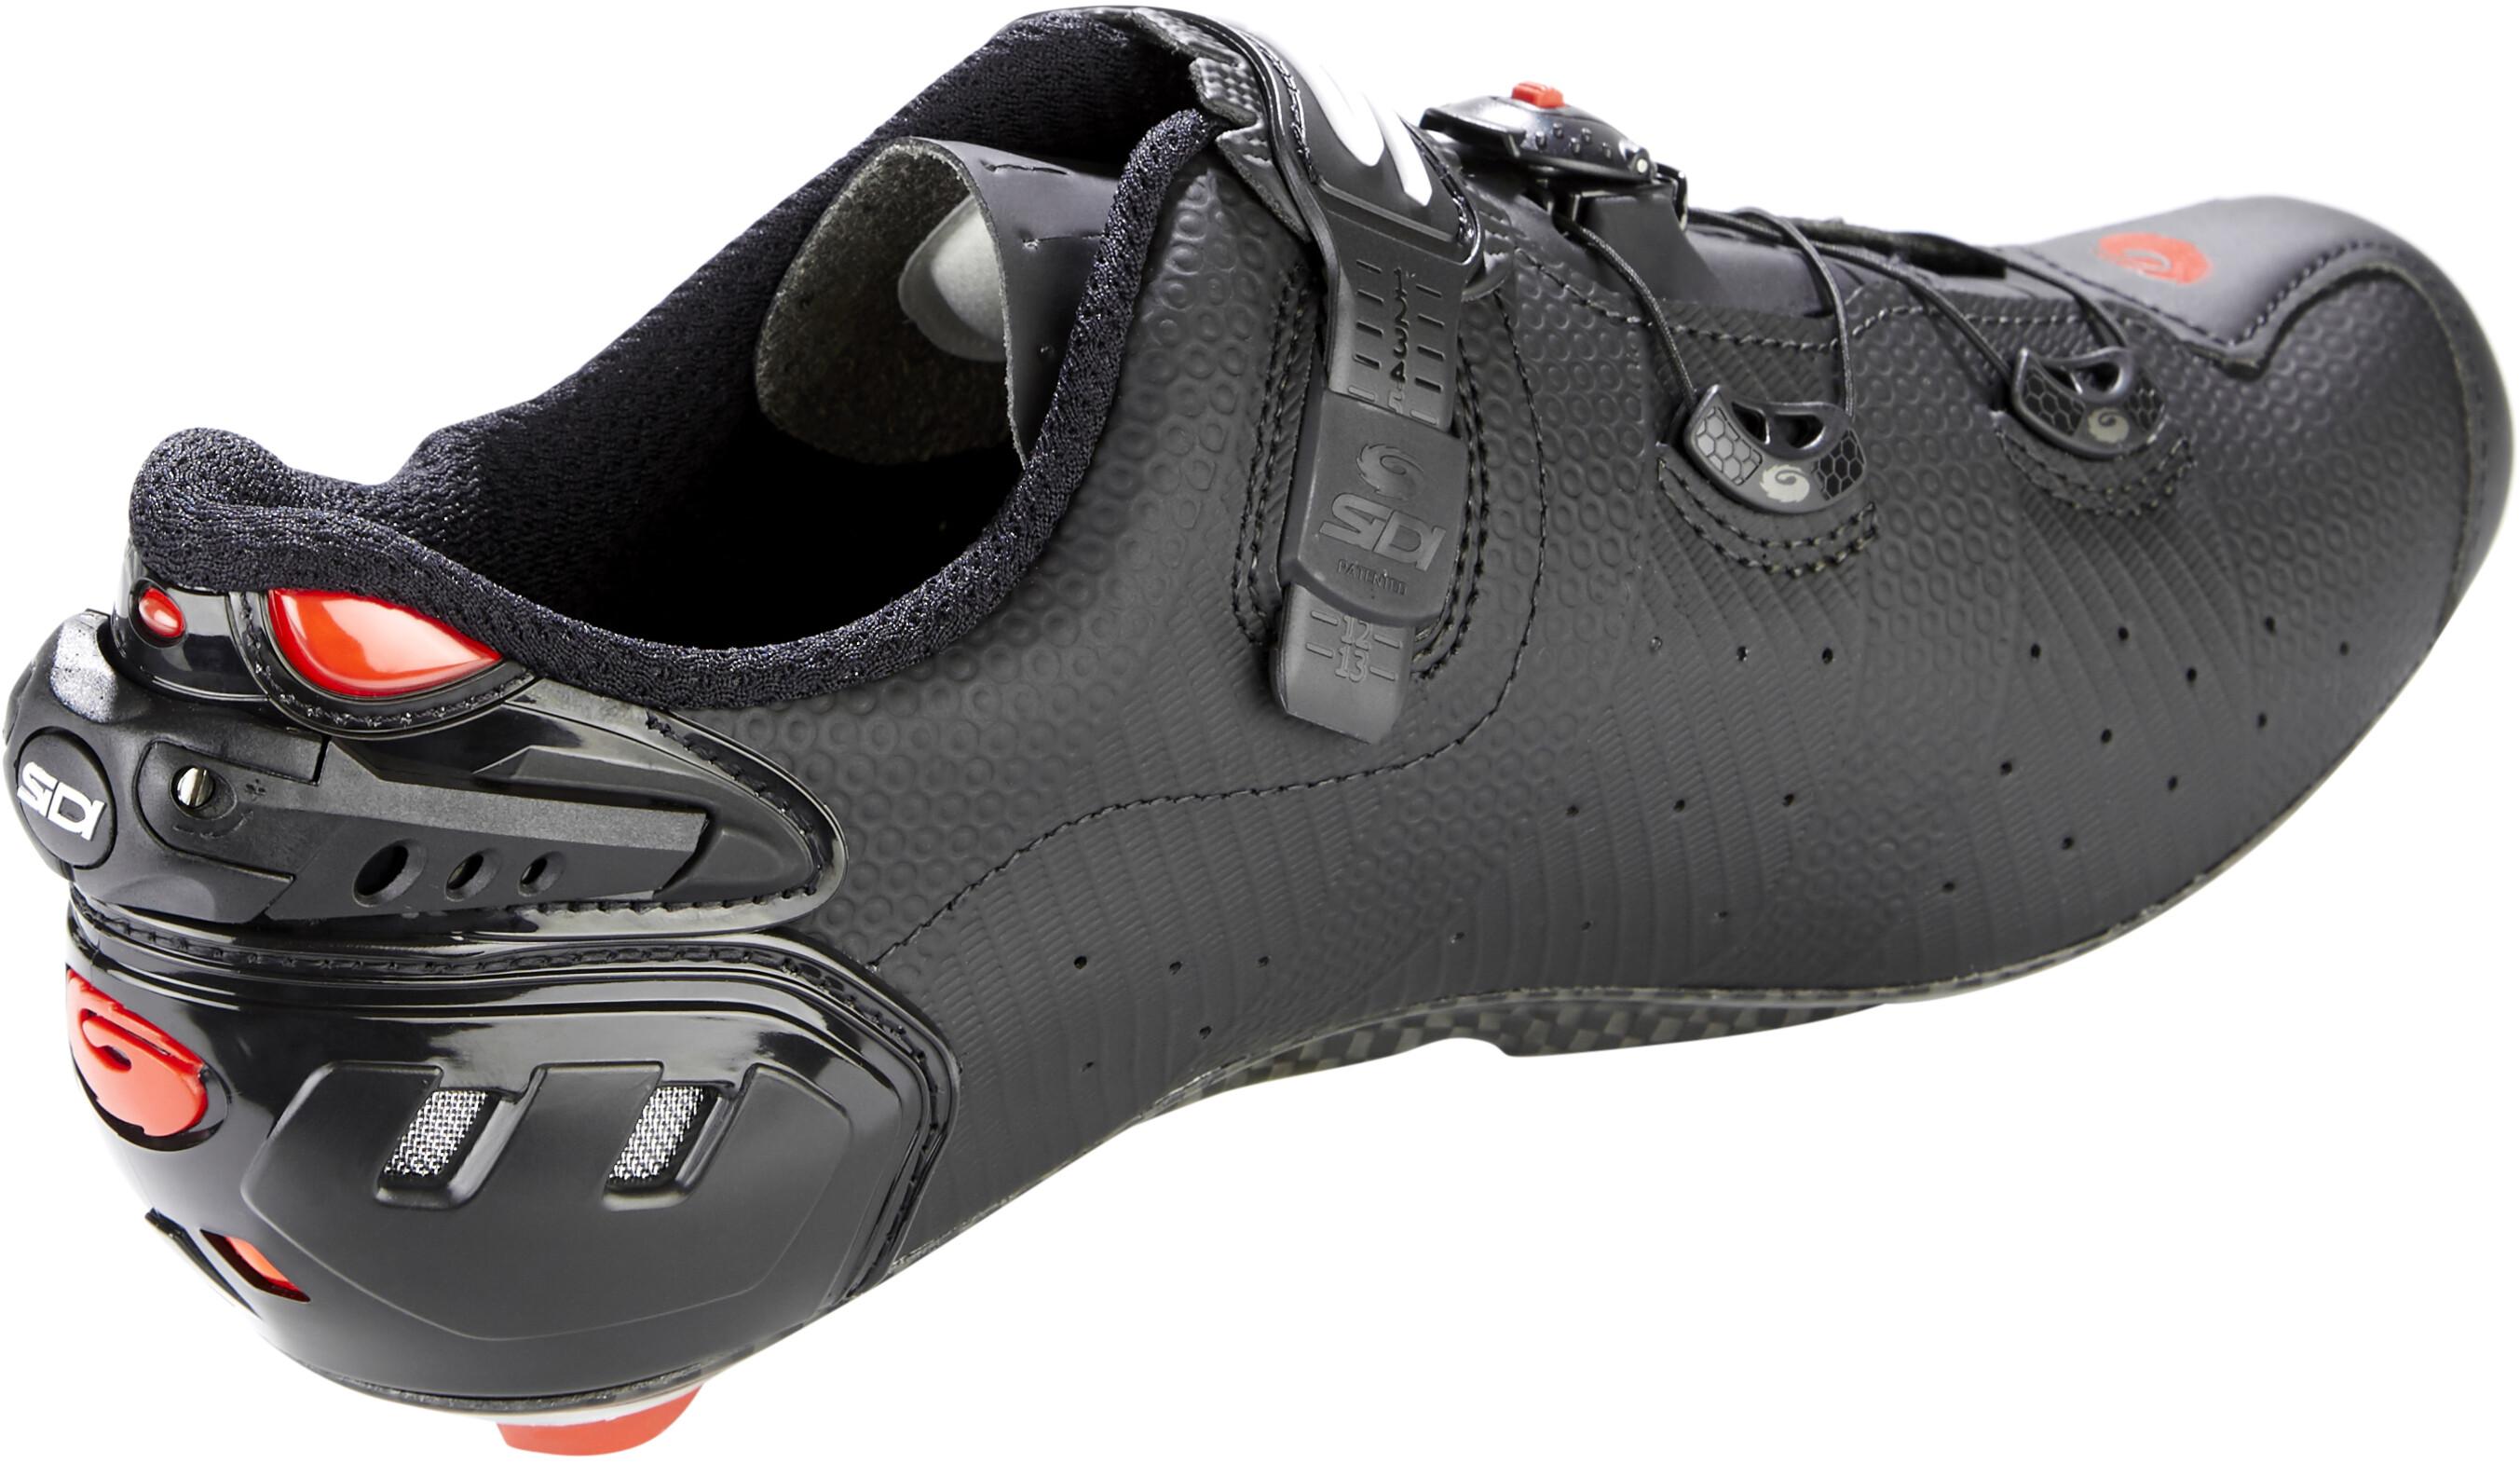 474d2e9b6e Sidi Wire 2 Carbon - Chaussures Homme - gris/noir - Boutique de ...